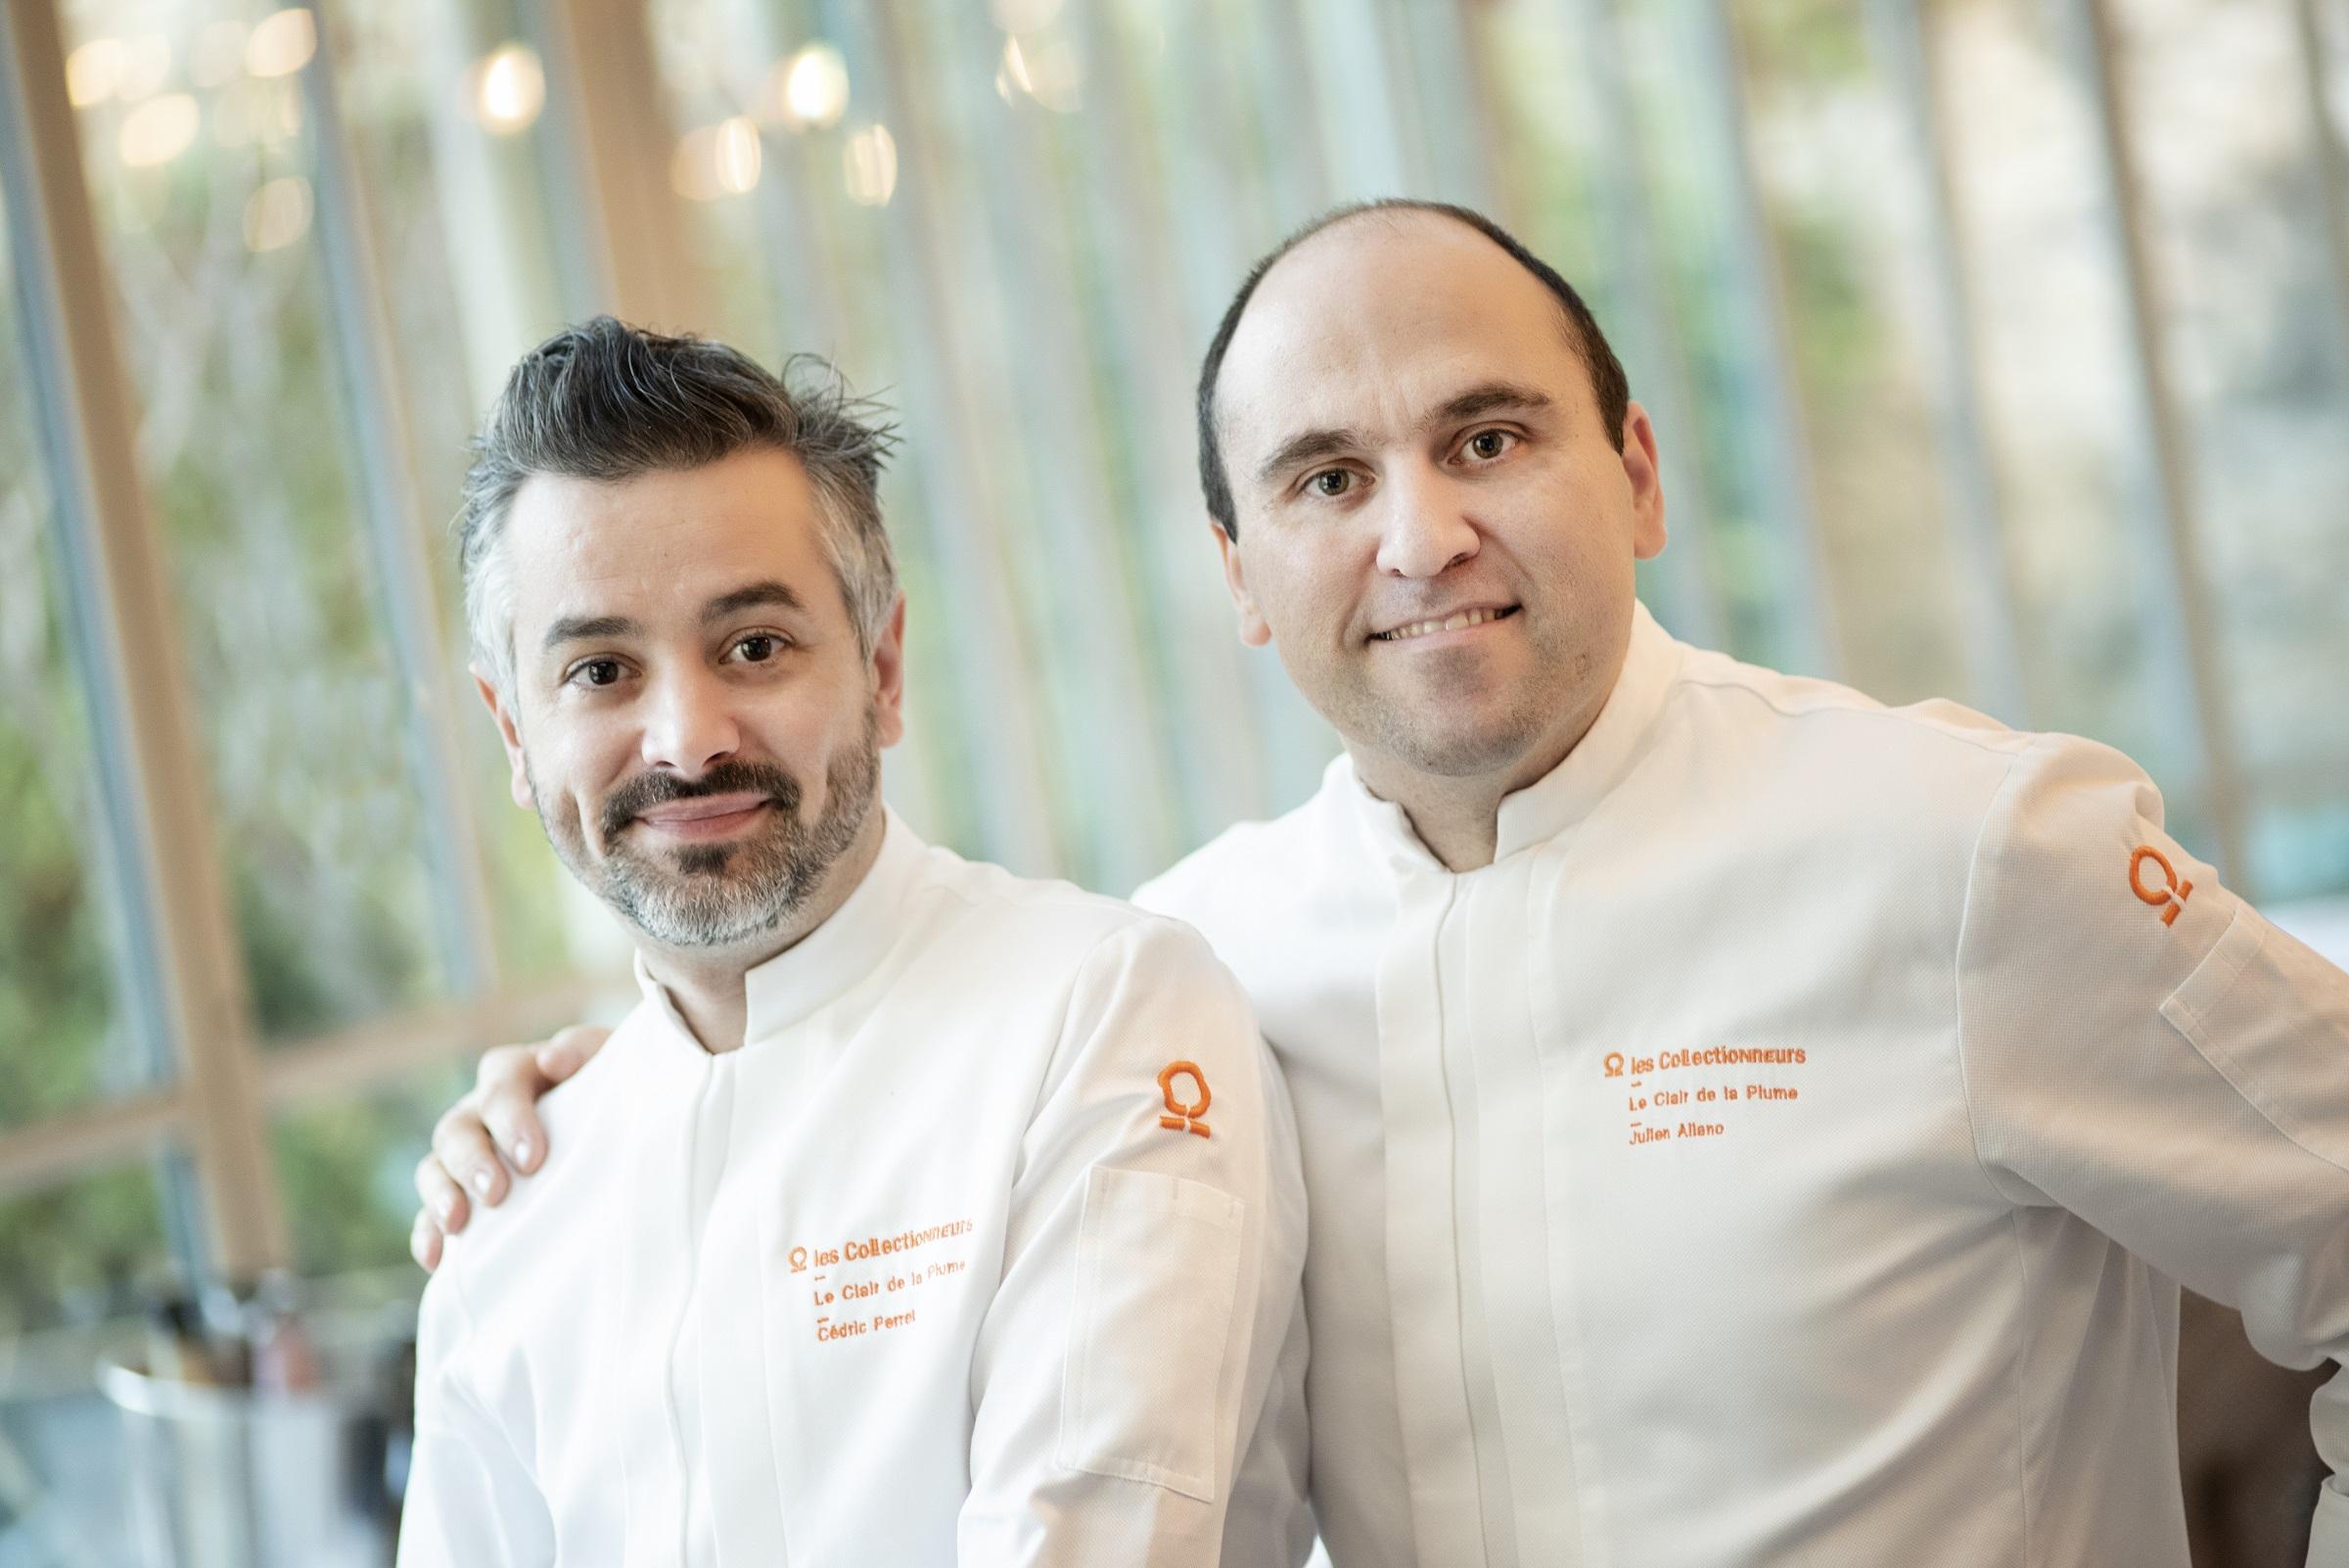 Julien Allano chef de cuisine restaurant clair de la plume